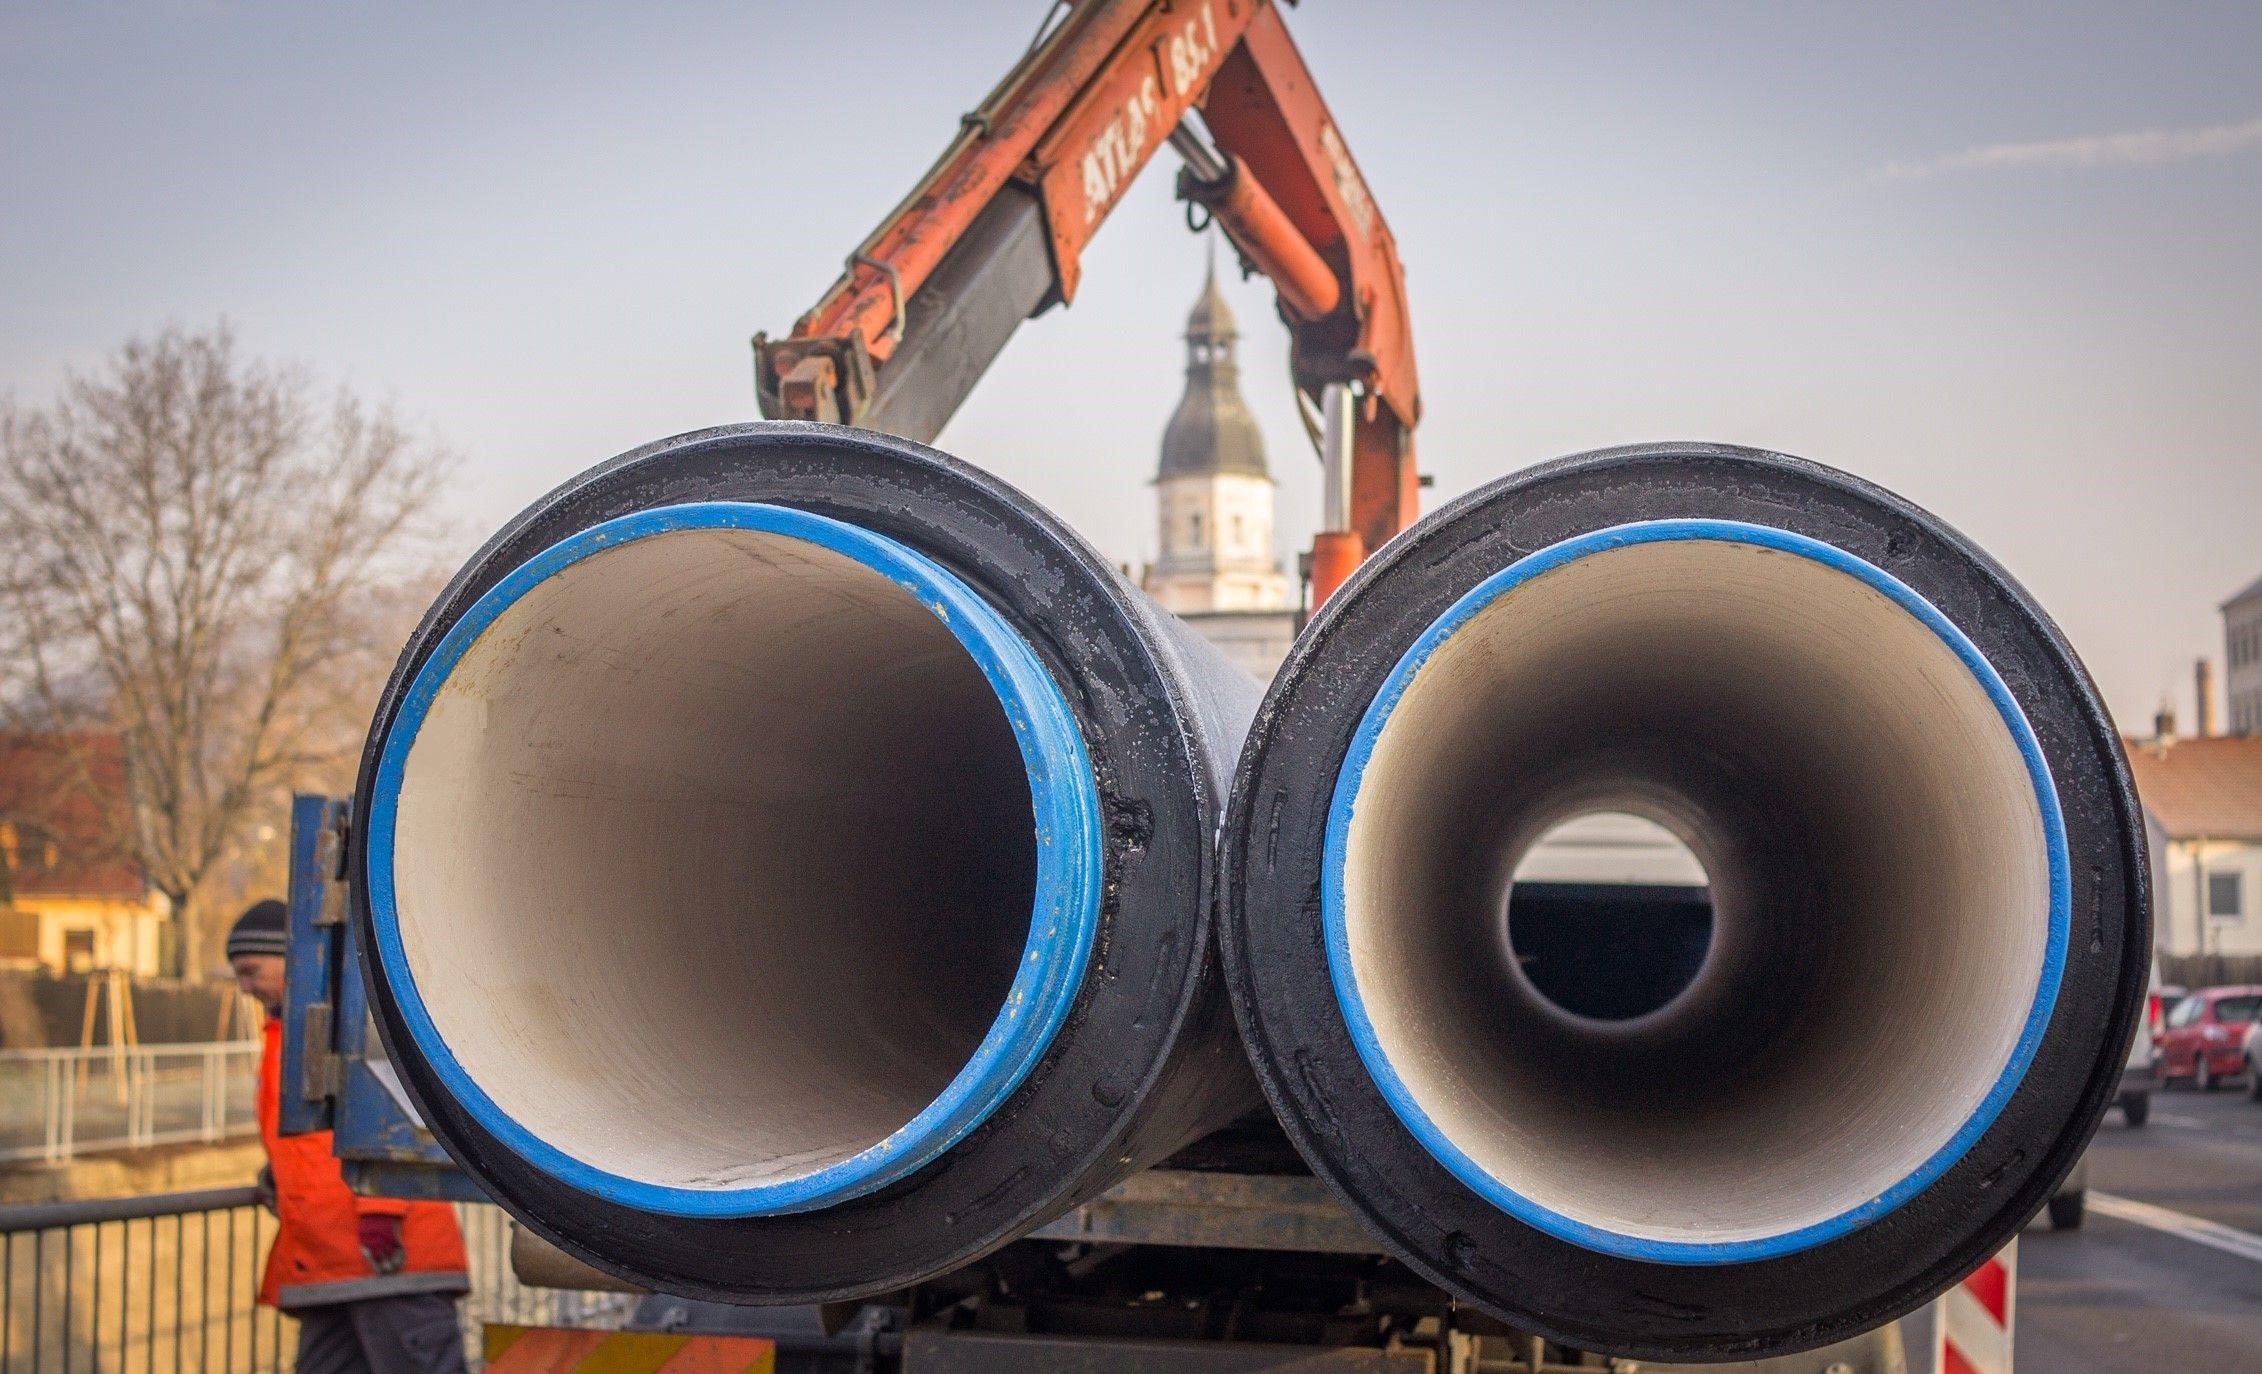 Potrubí s tepelnou izolací vhodné do země